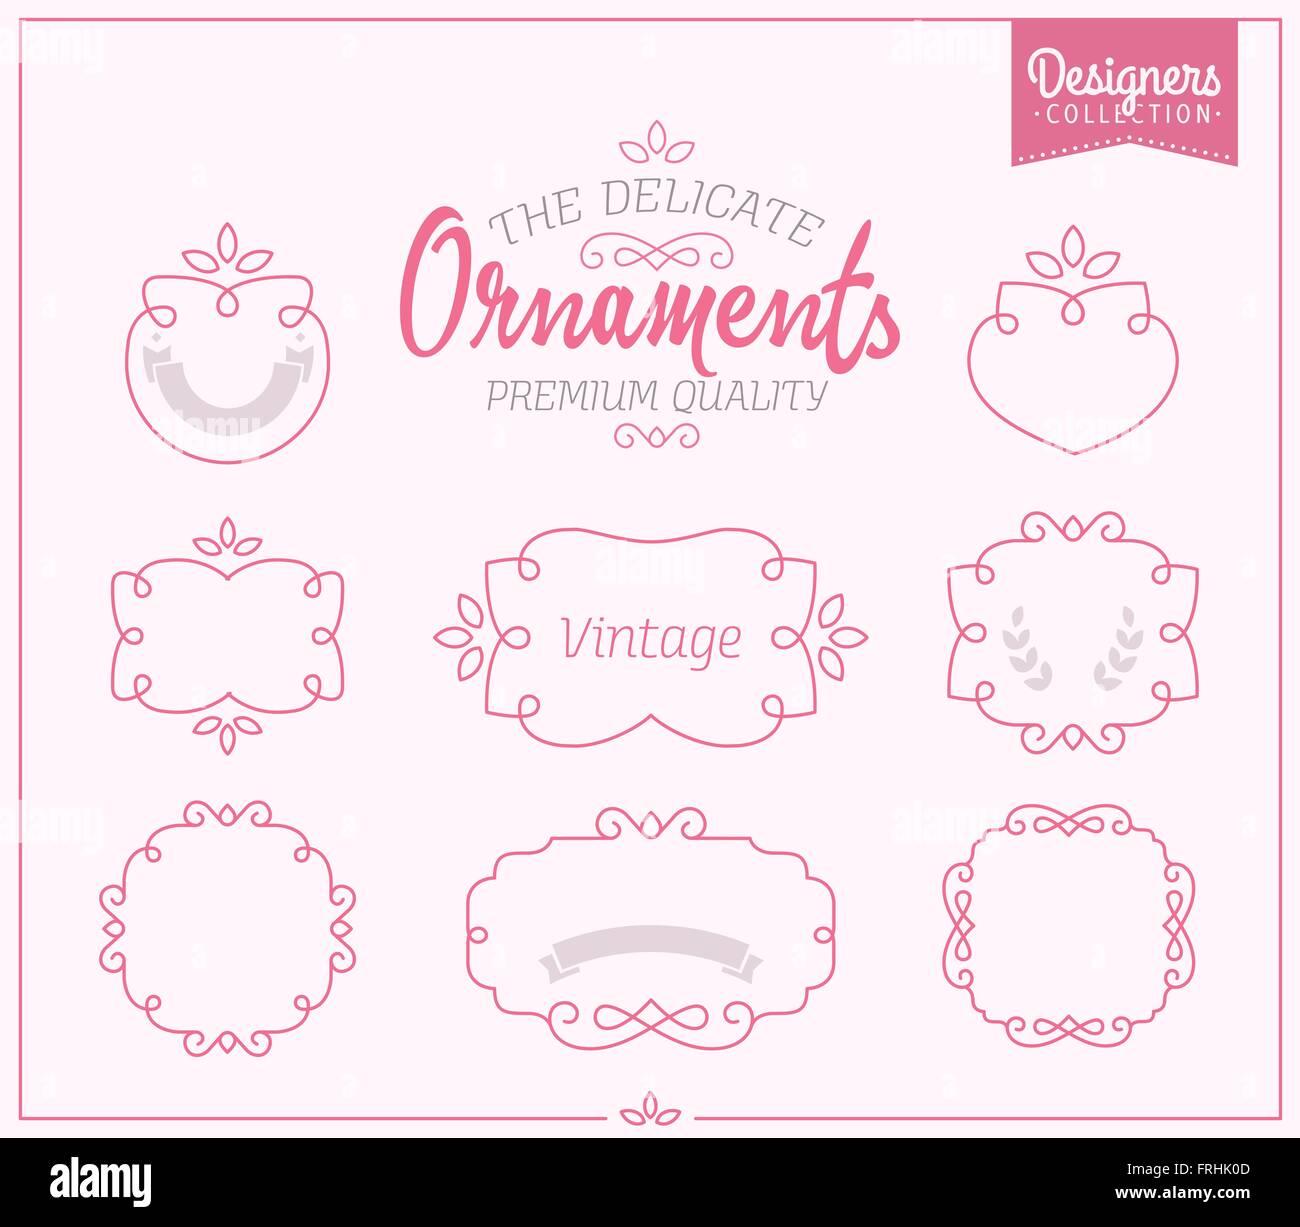 Simple And Graceful Frame Design Template Elegant Line Logo Vector Illustration Vintage Premium Styled Ribbons Frames